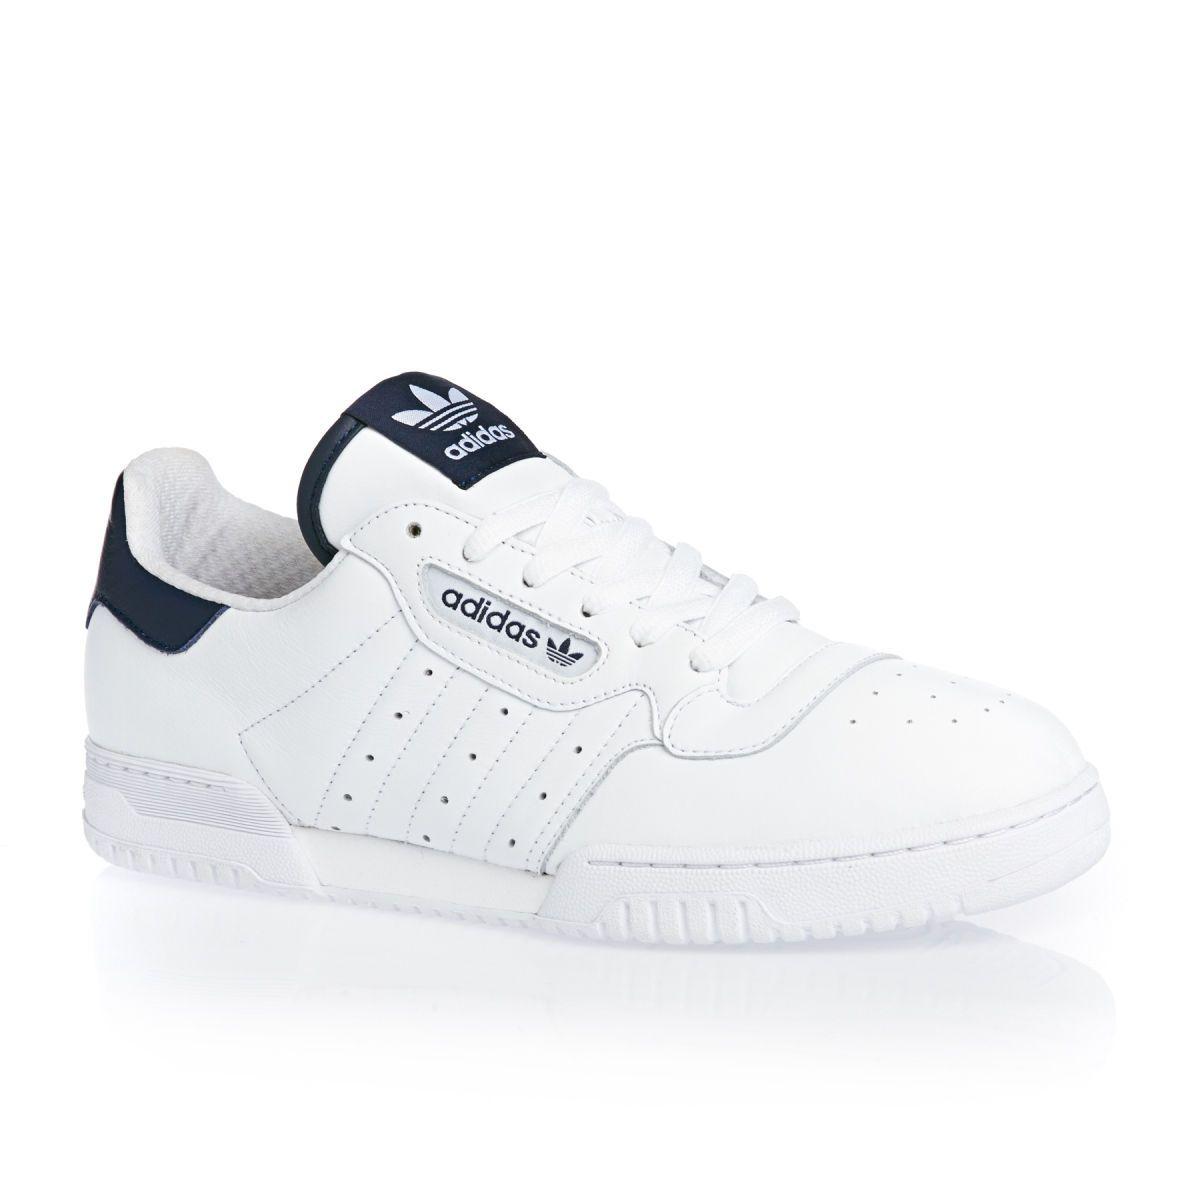 adidas originals Shoes - adidas originals Powerphase Og Shoes -  White/collegiate Navy